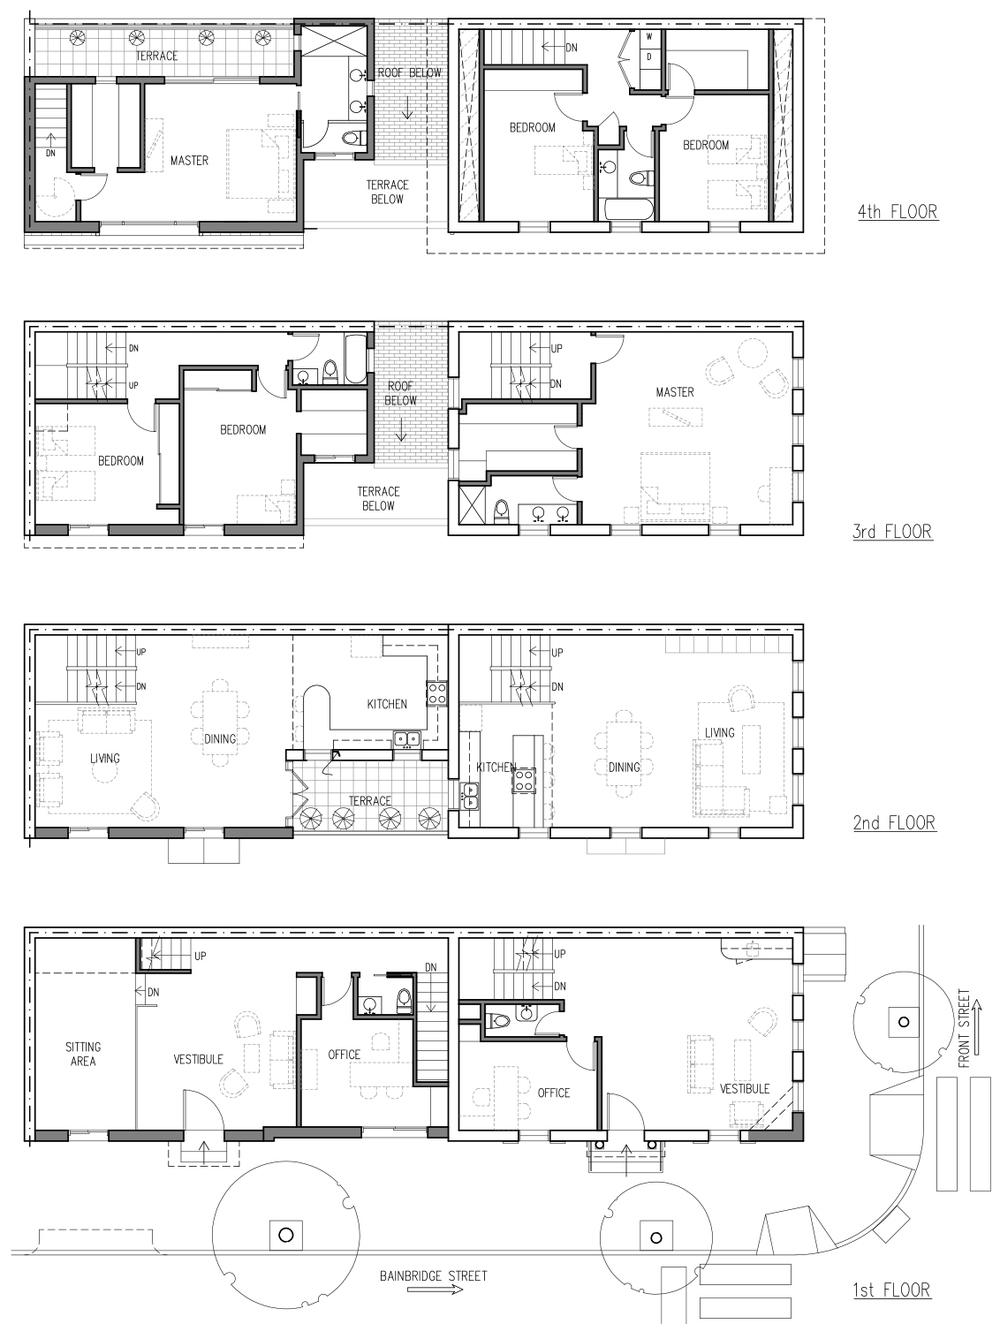 626-Plans.jpg